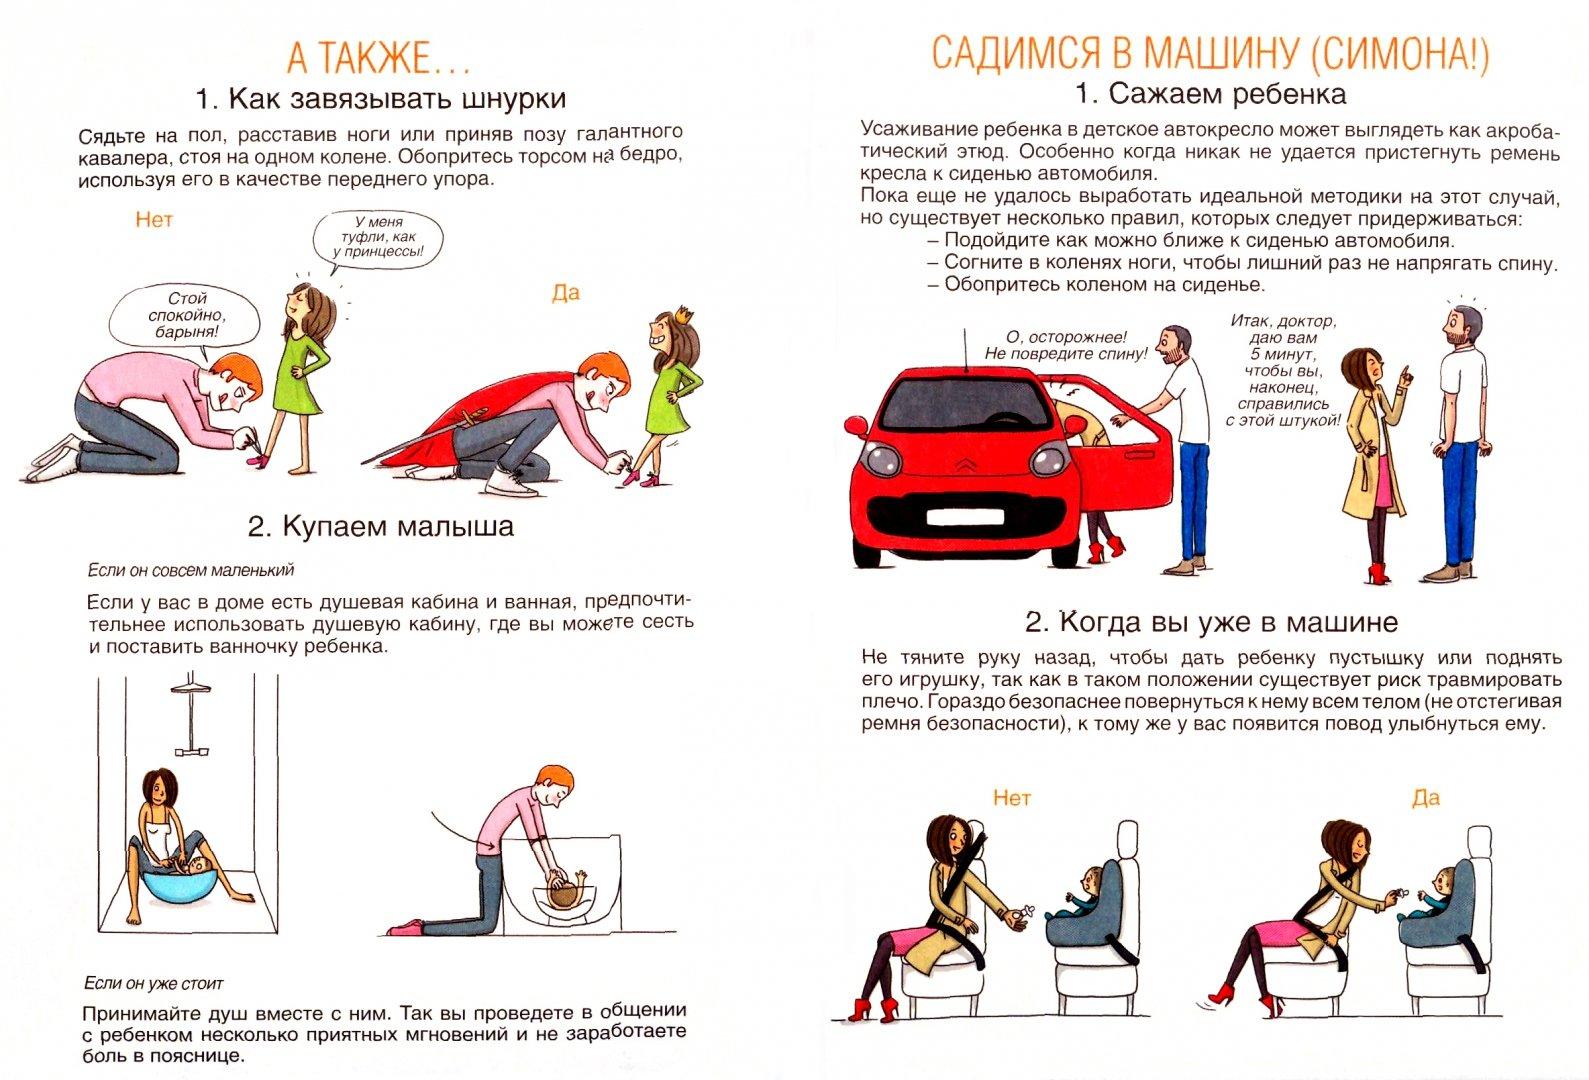 Иллюстрация 1 из 22 для Homo Сидящий. Как найти 3 точку опоры и избавиться от боли - Фредерик Сроар | Лабиринт - книги. Источник: Лабиринт